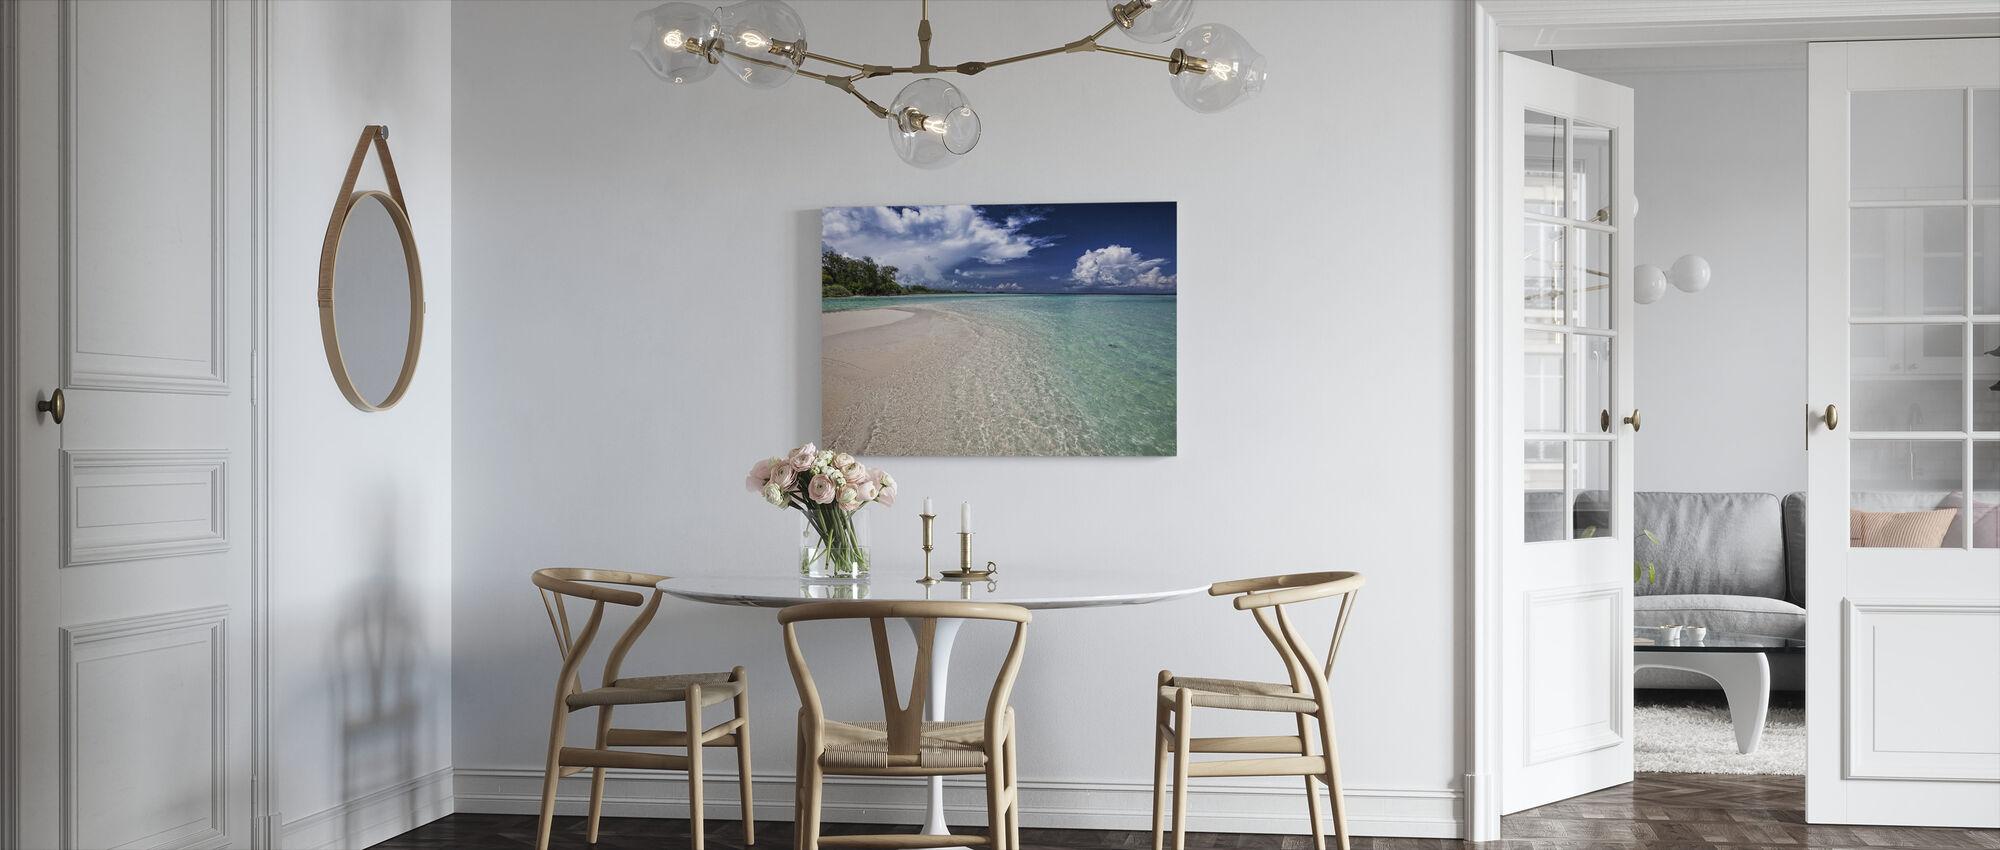 Hvit Sand Bar - Lerretsbilde - Kjøkken